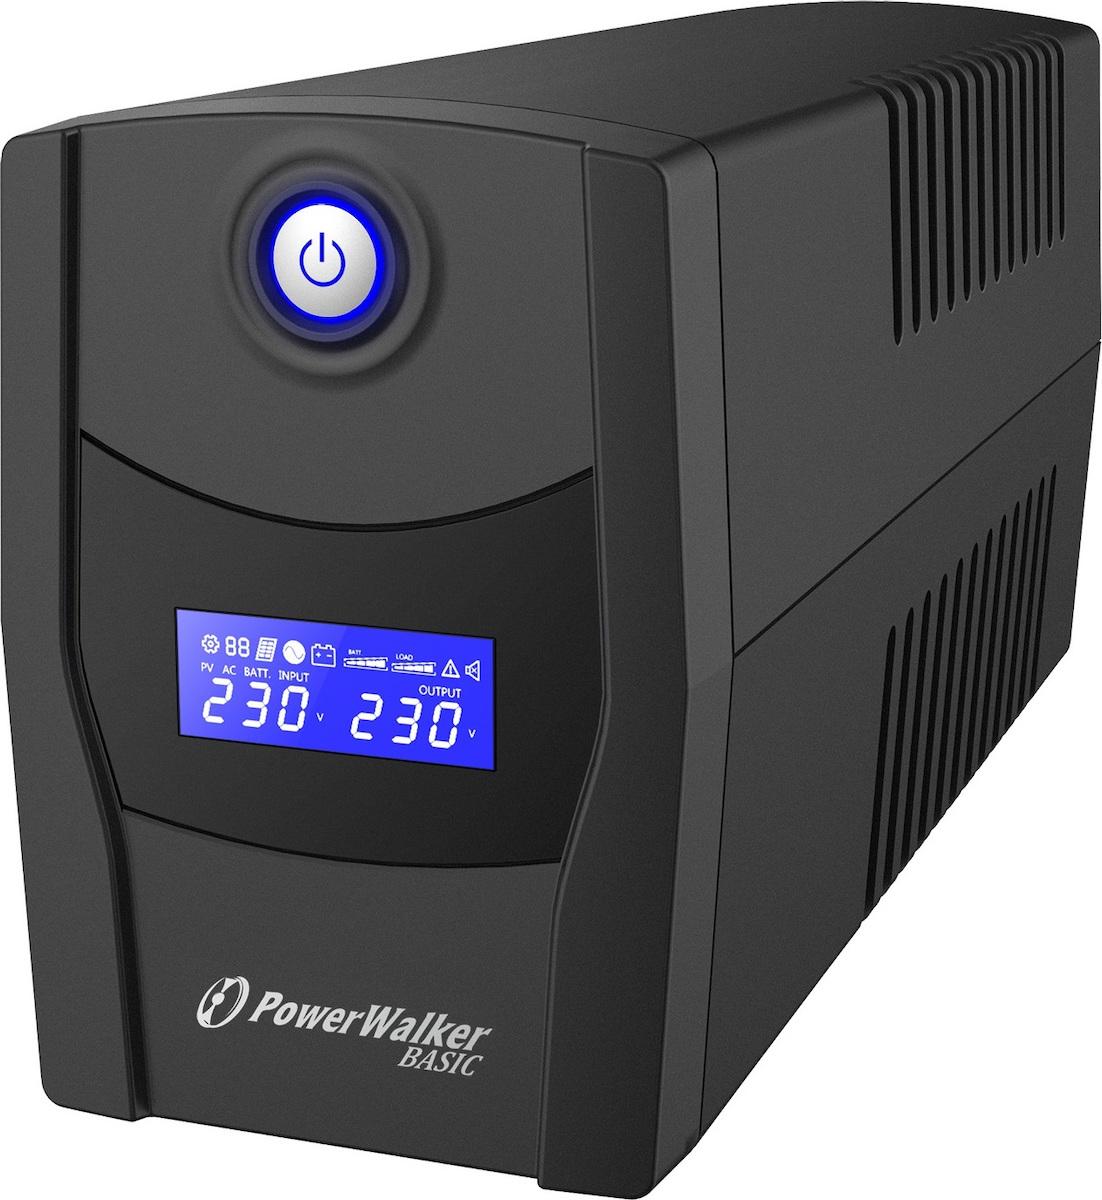 Powerwalker Basic VI 1000 STL - Skroutz.gr